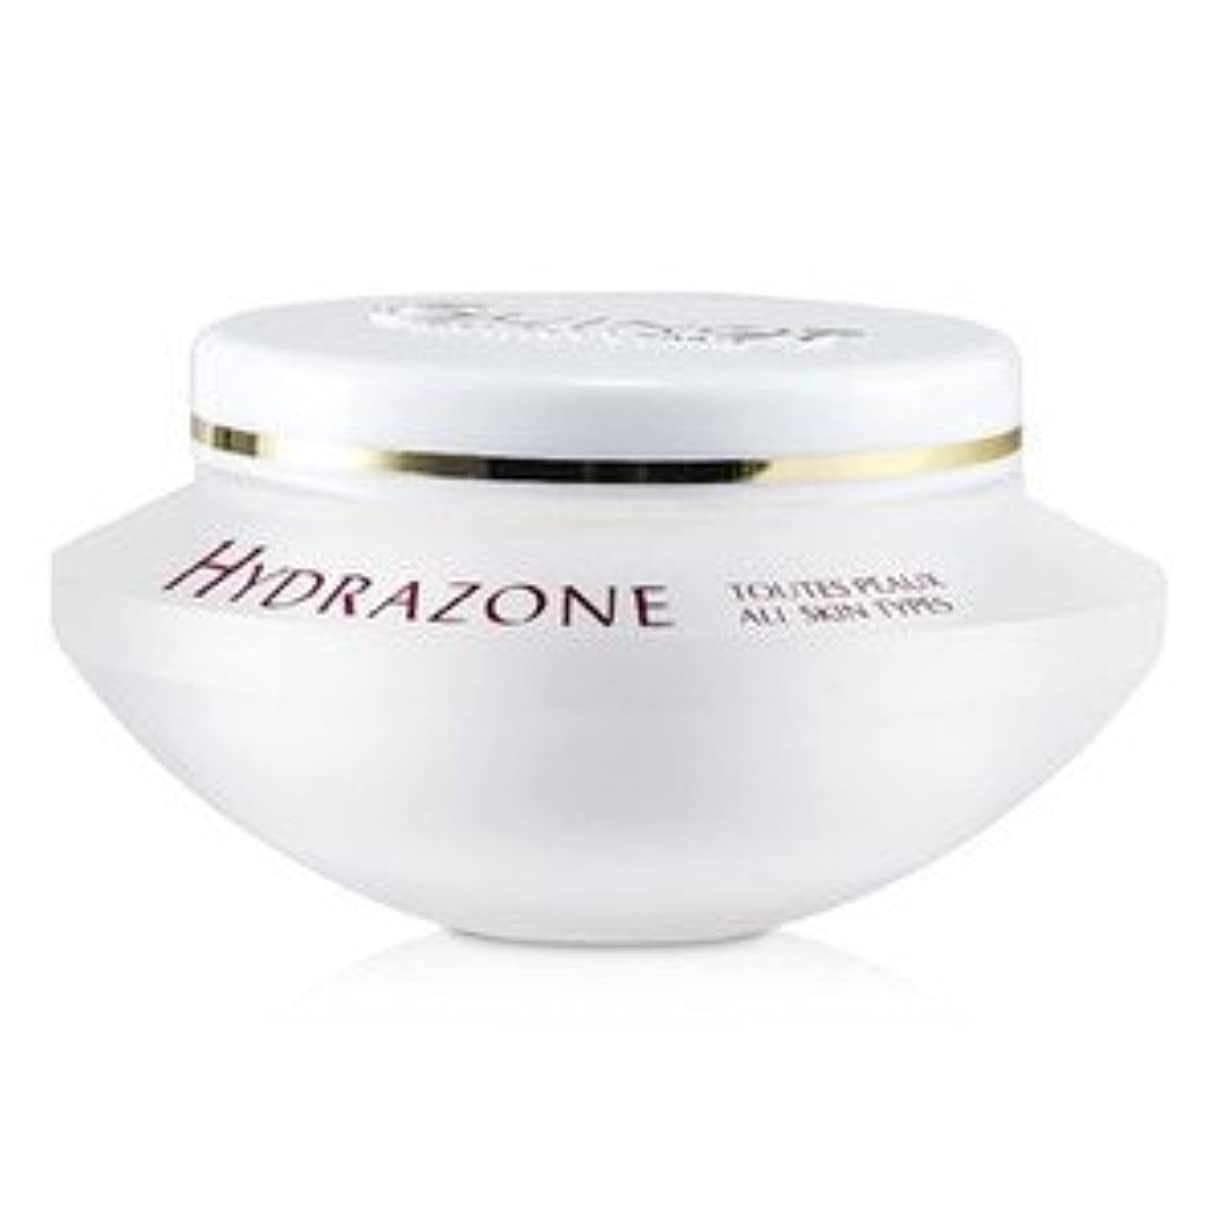 ハグ悪性の考古学者Guinot Hydrazone toutes peaux moisturizing cream all skin types [並行輸入品]